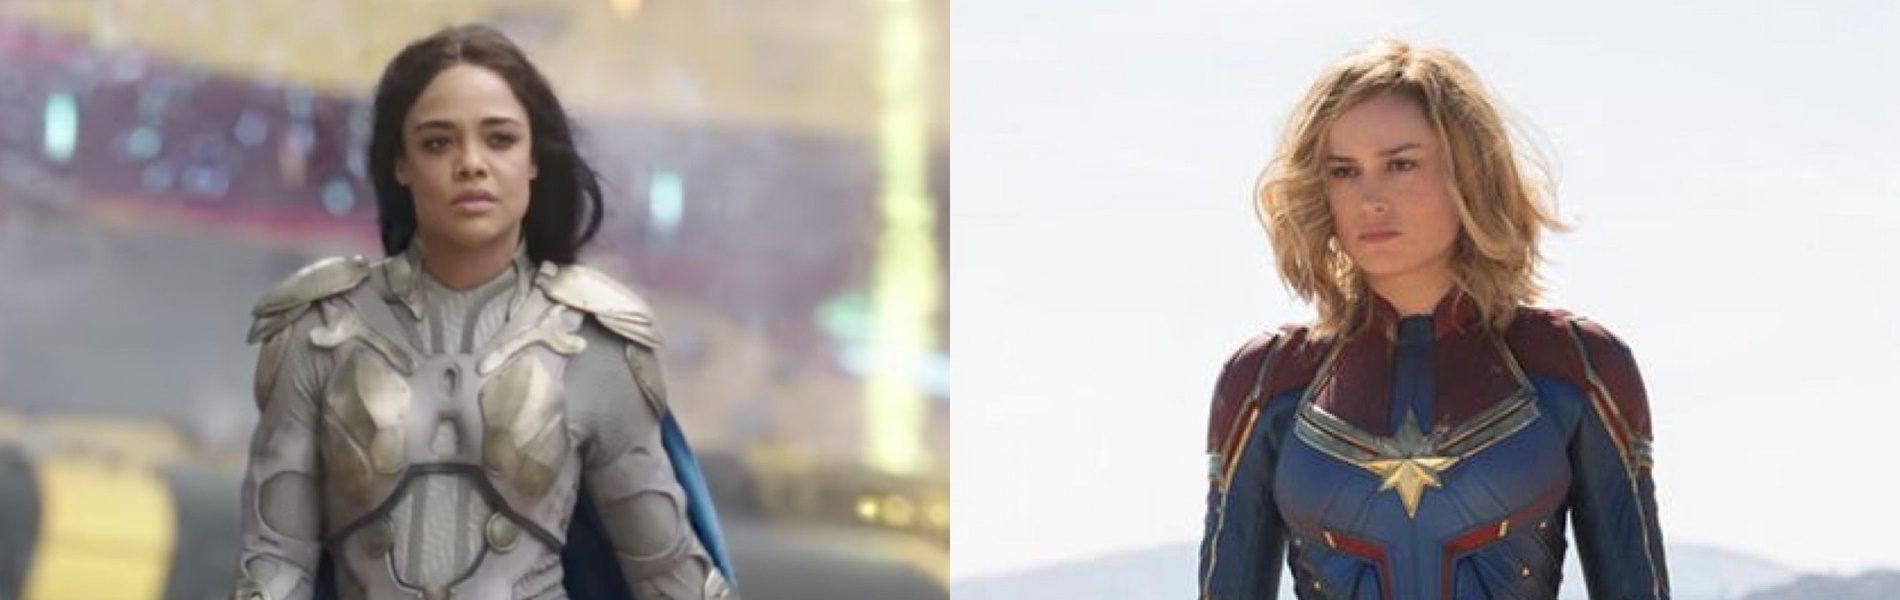 A Marvel Univerzum két sztárja is támogatja karaktereik leszbikus viszonyát